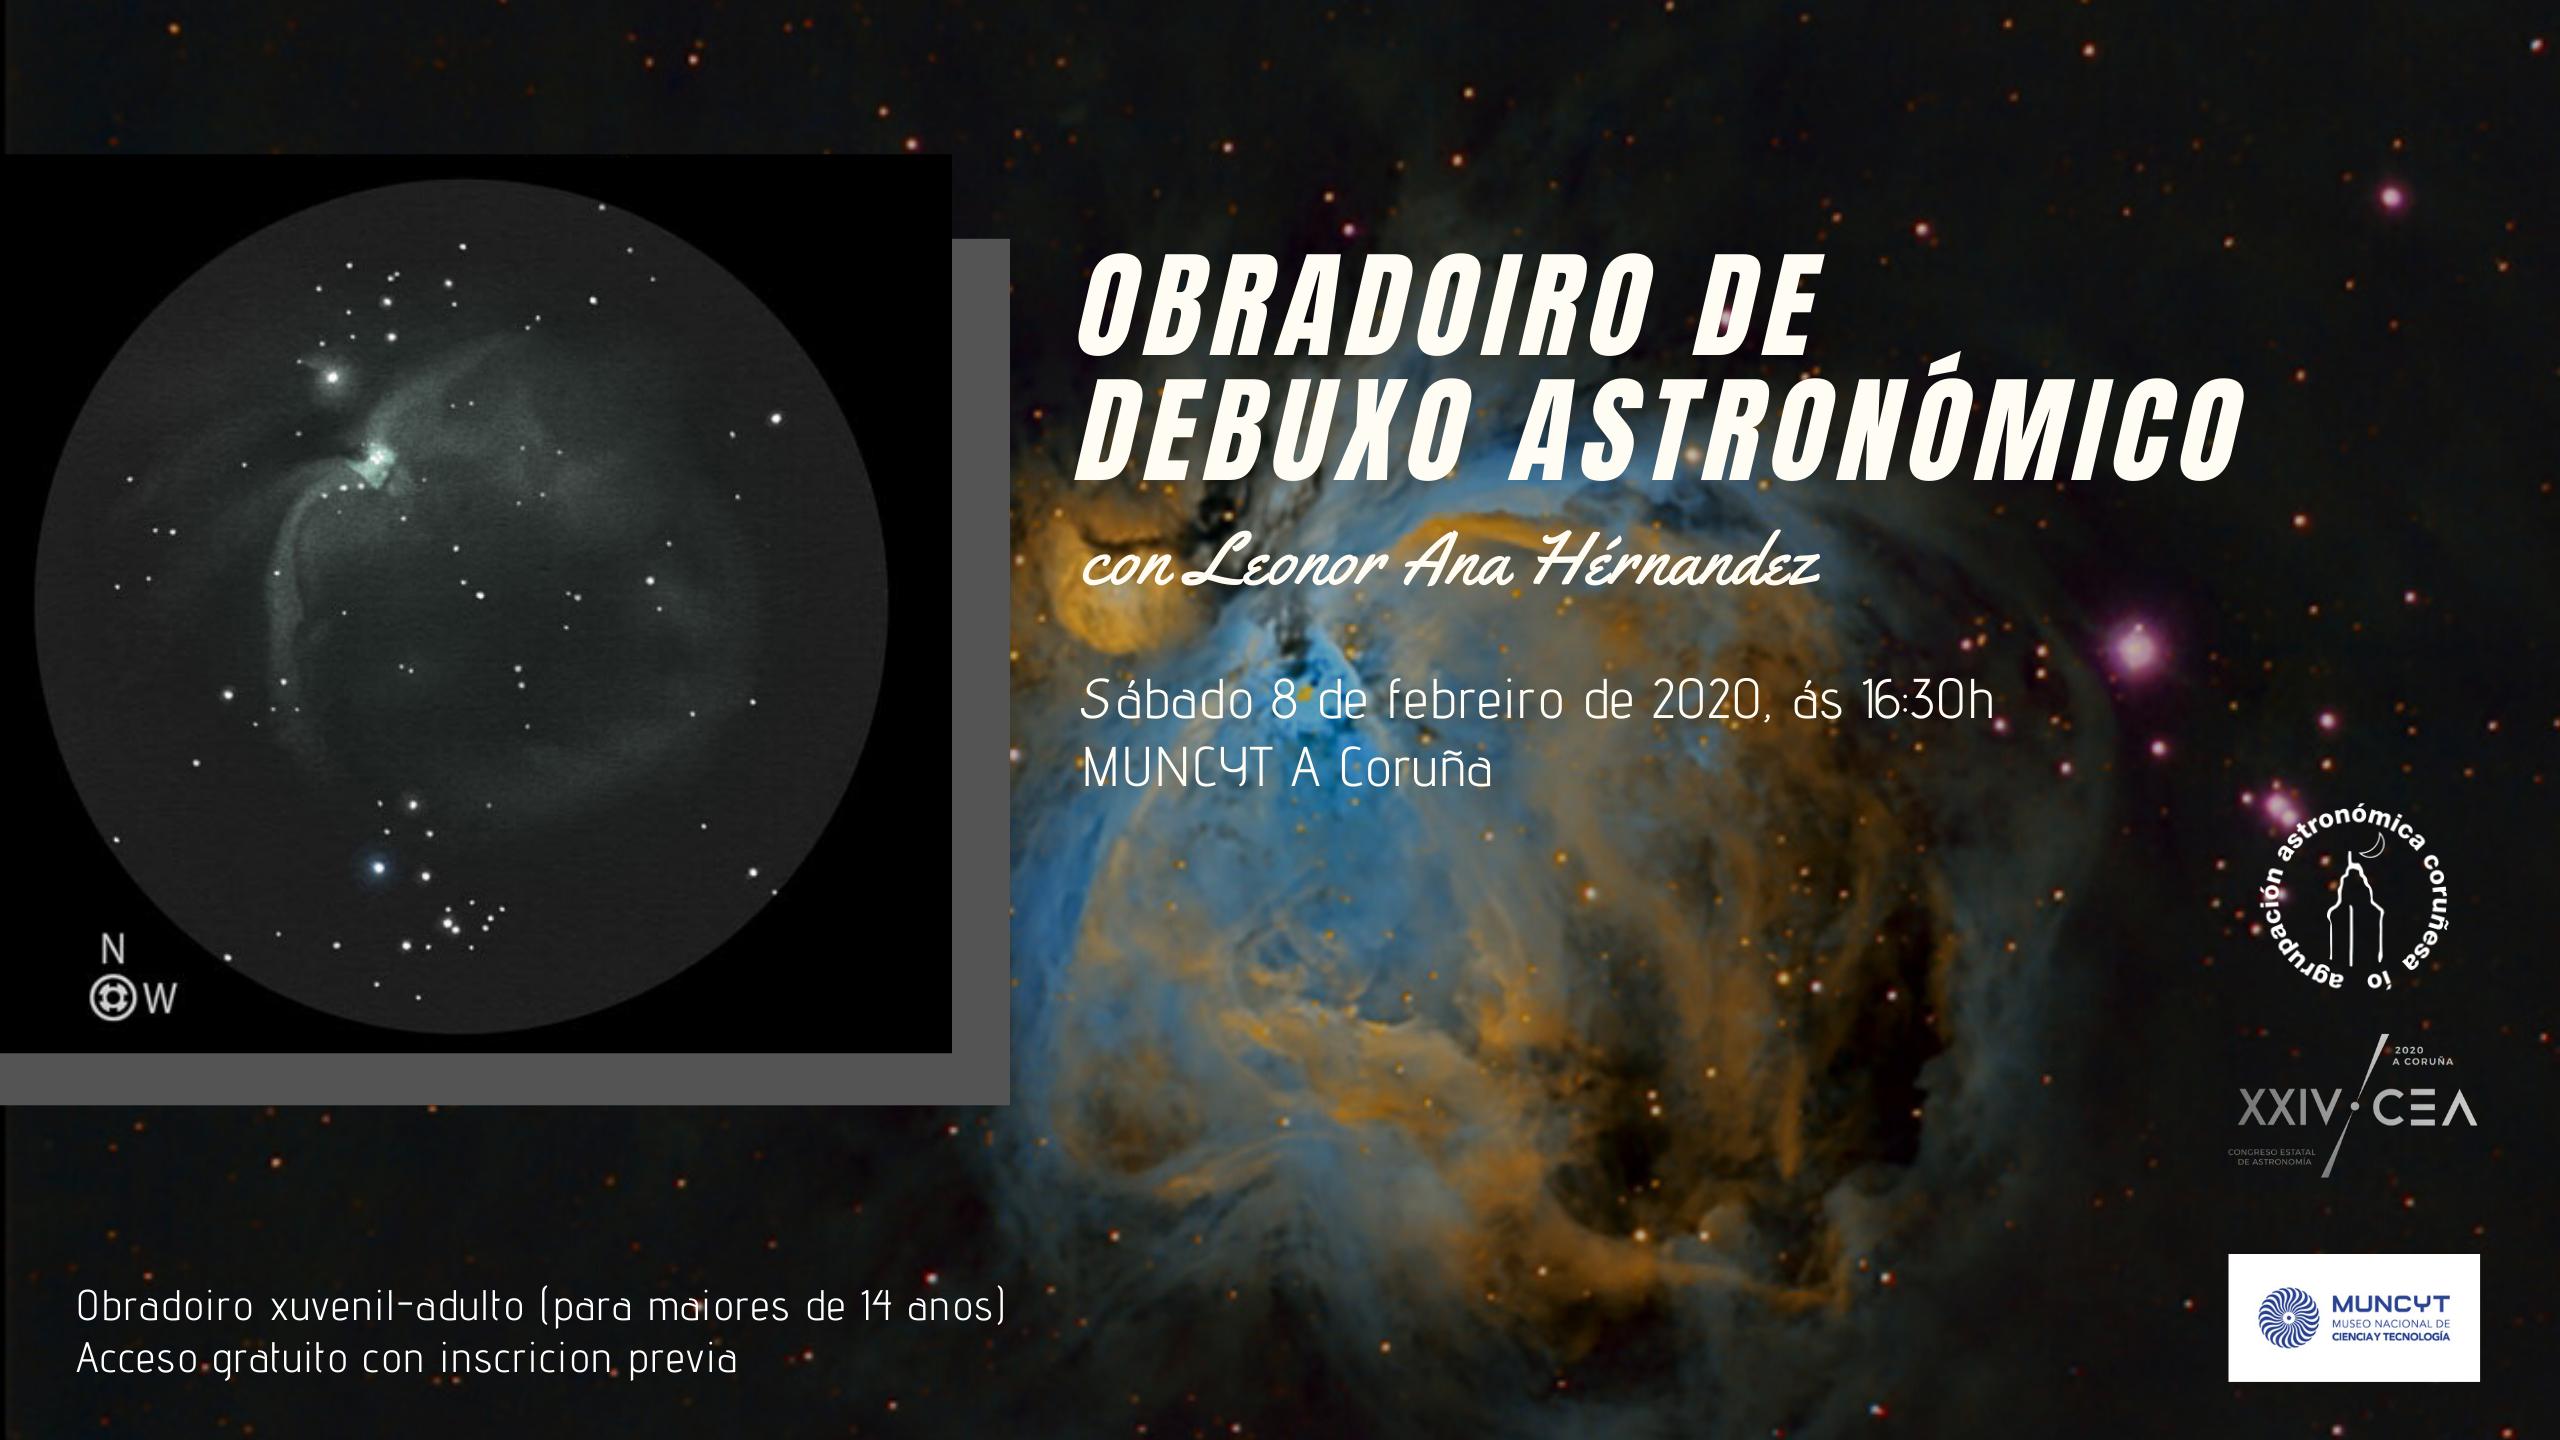 Talleres de dibujo astronómico en A Coruña